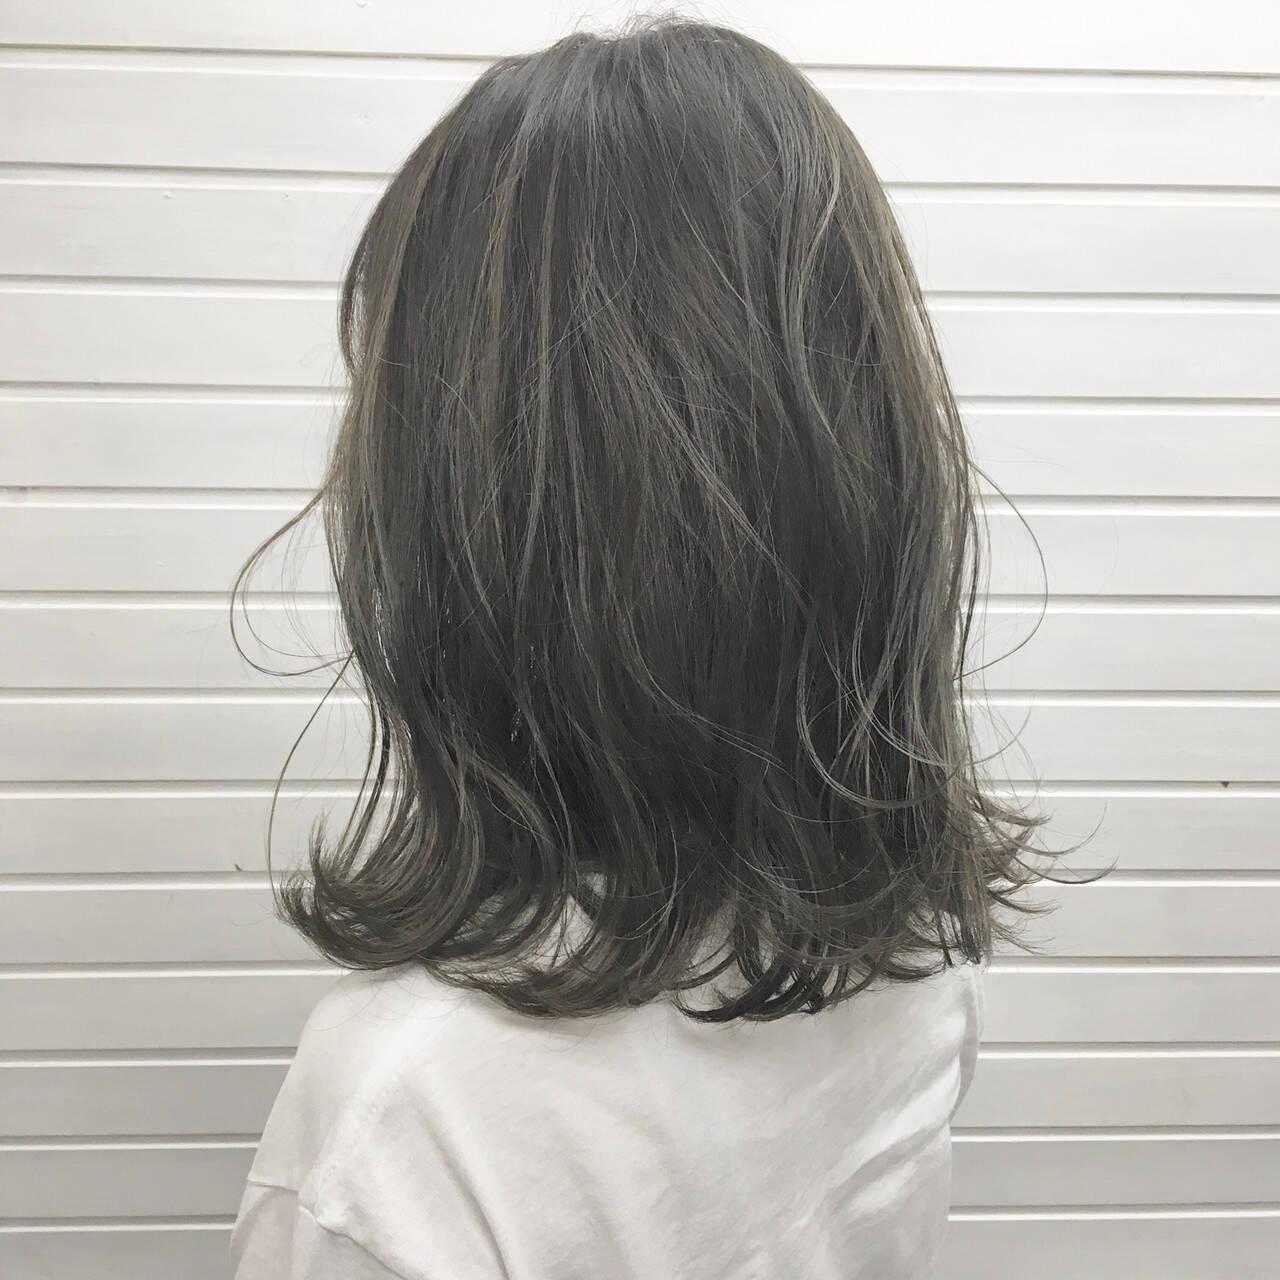 バレイヤージュ ストリート グラデーションカラー ミディアムヘアスタイルや髪型の写真・画像